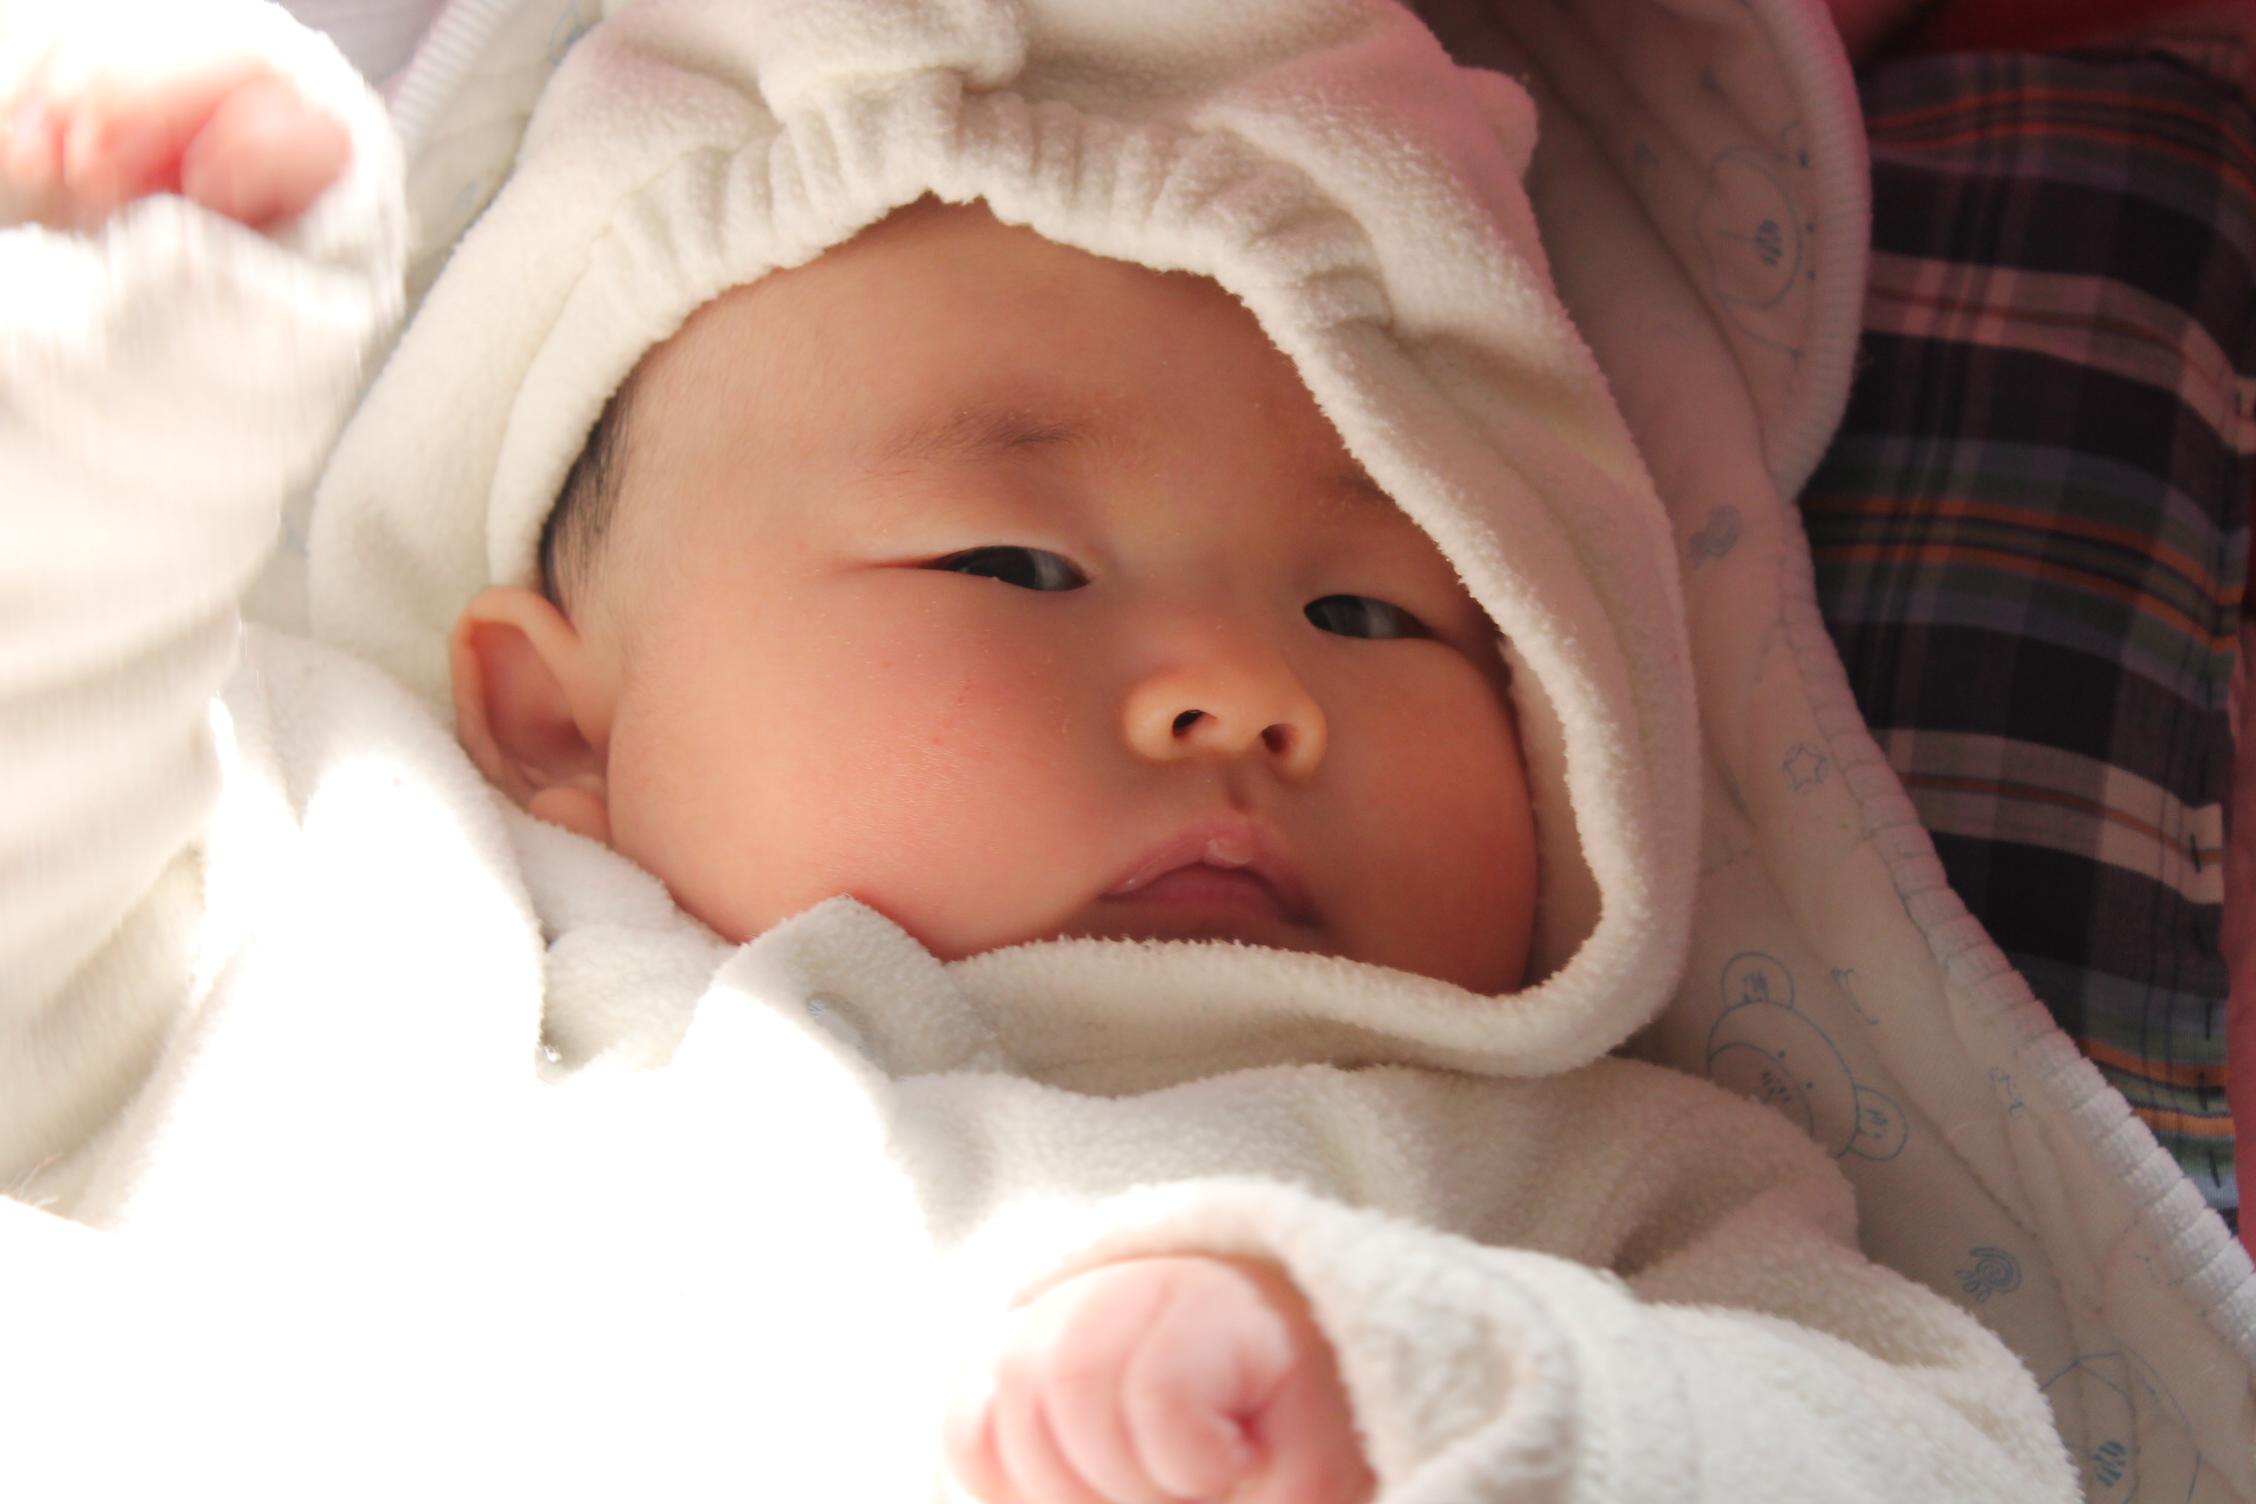 育儿秘籍 秘诀。(,一,破腹产) - 戈壁蓝天 - 我的博客